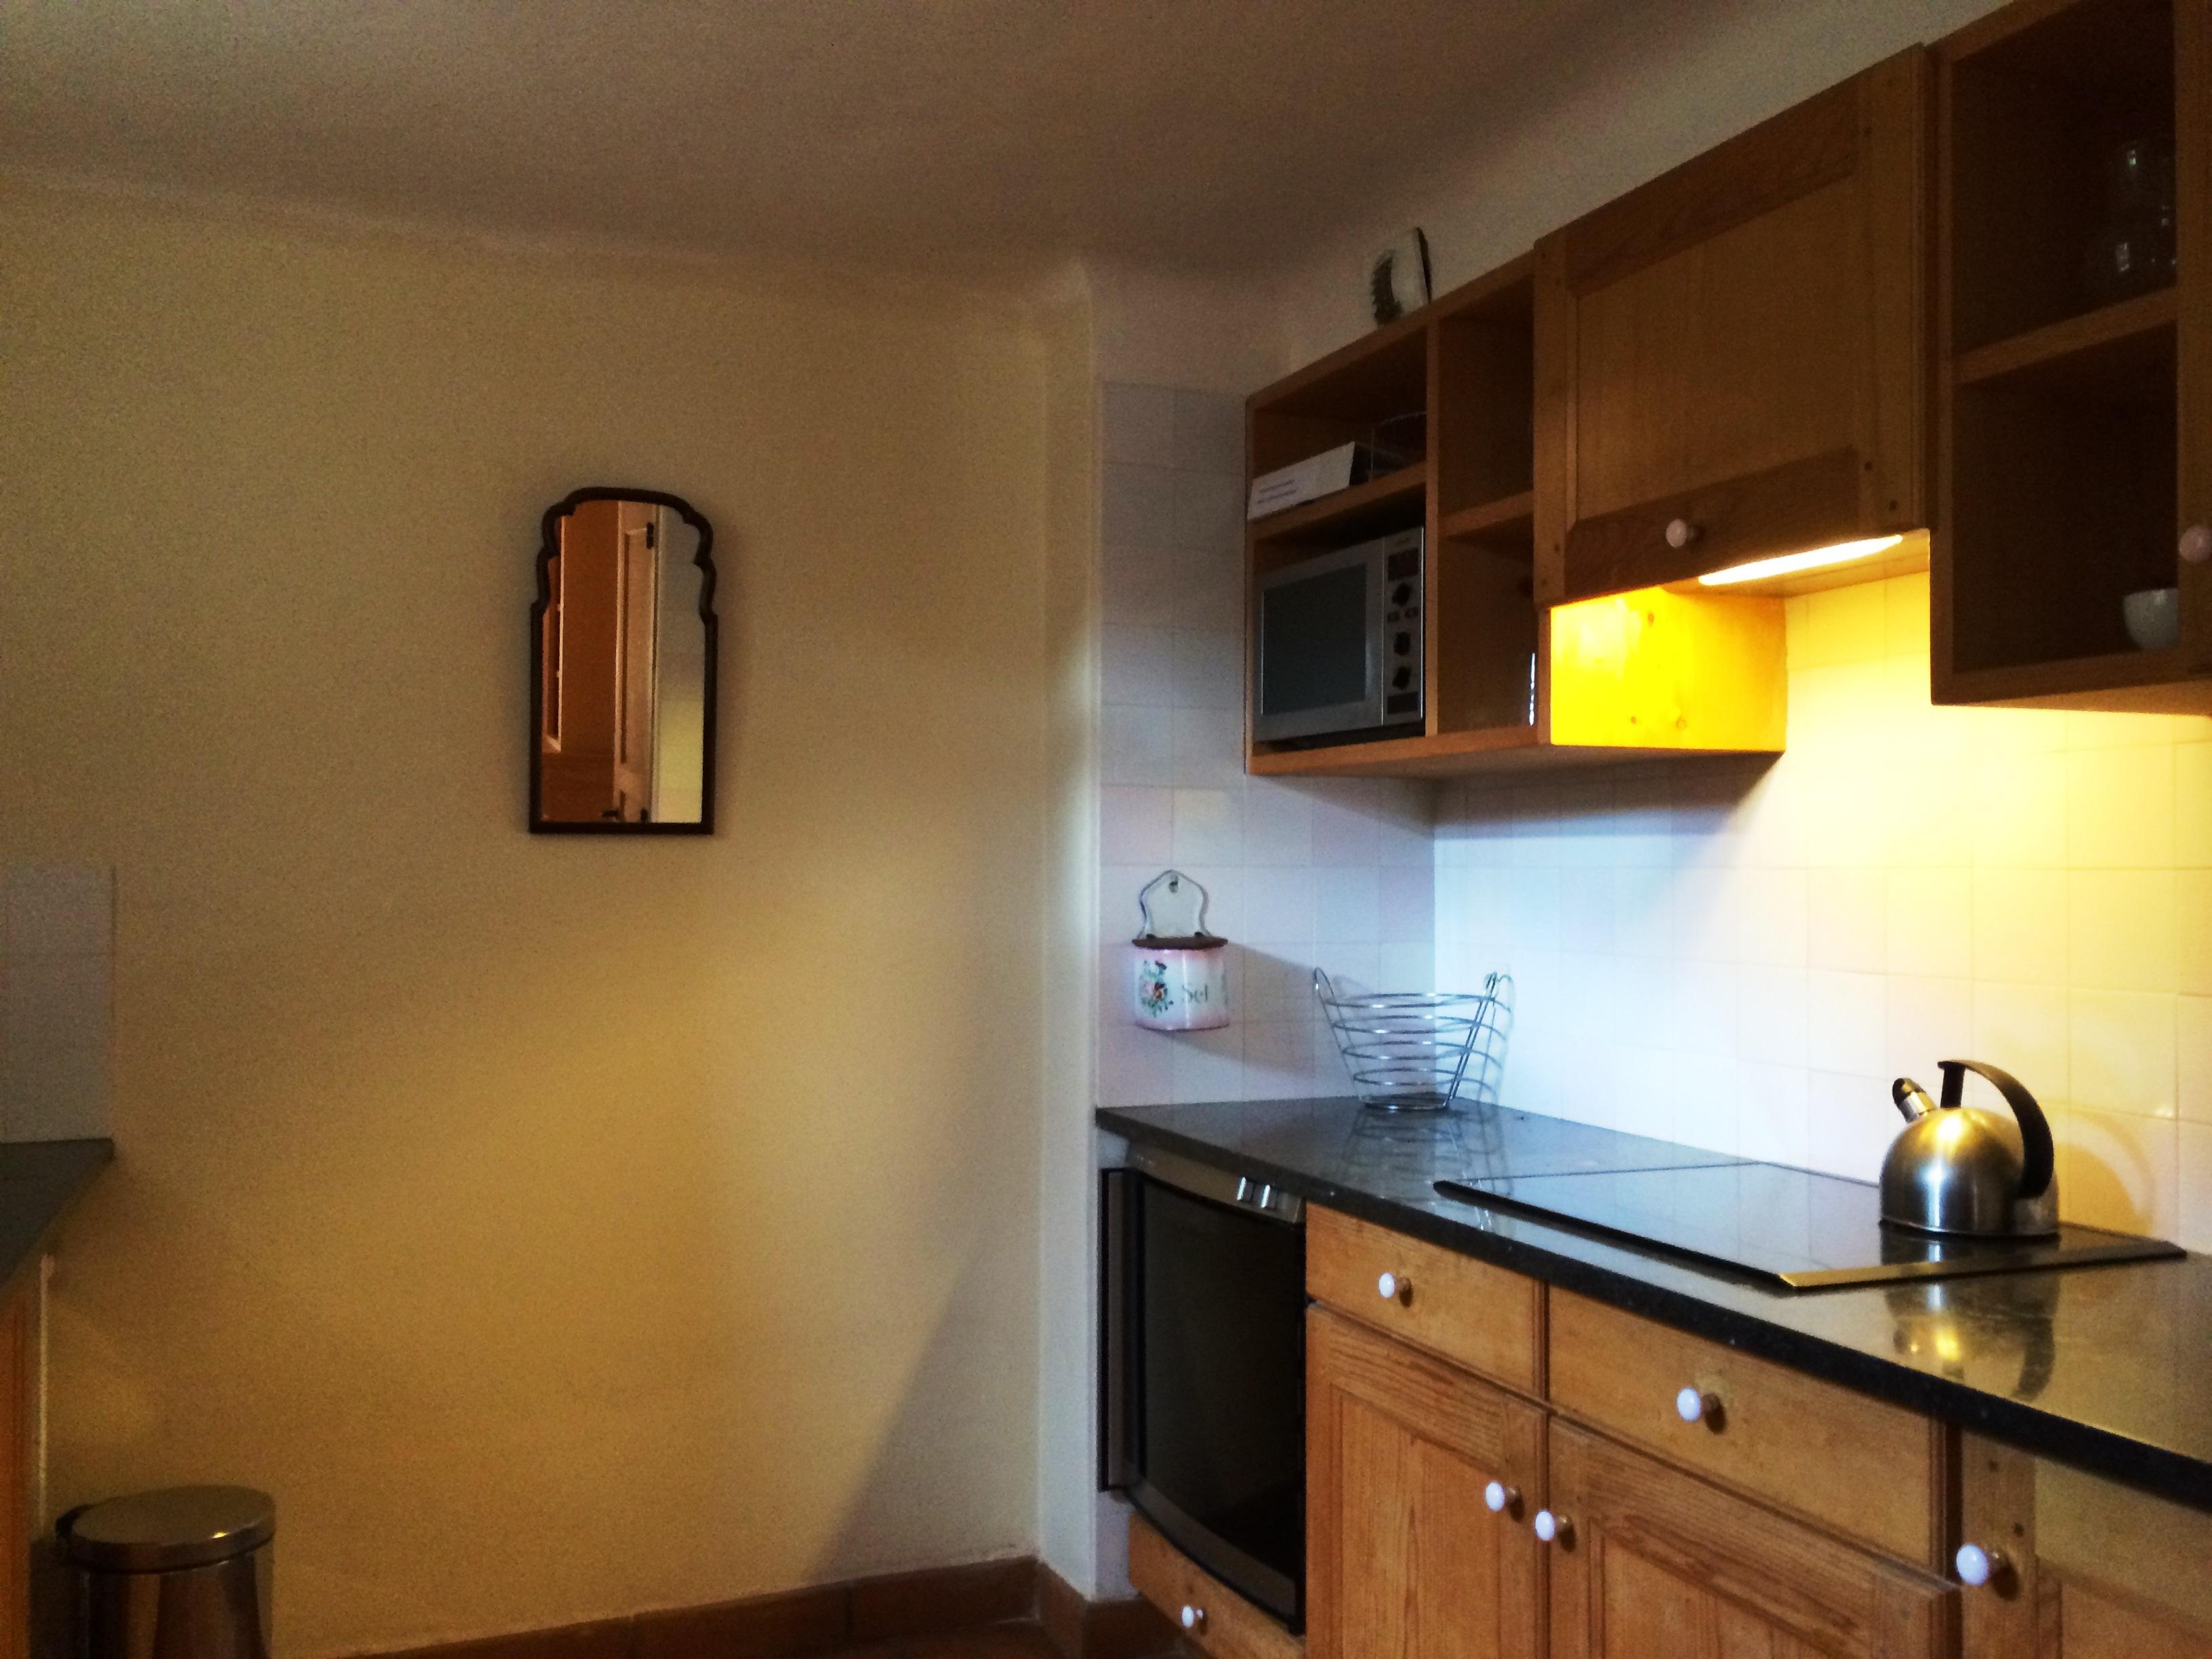 Keuken met inductie kookplaten, gaggenau oven, magnetron, ijskast